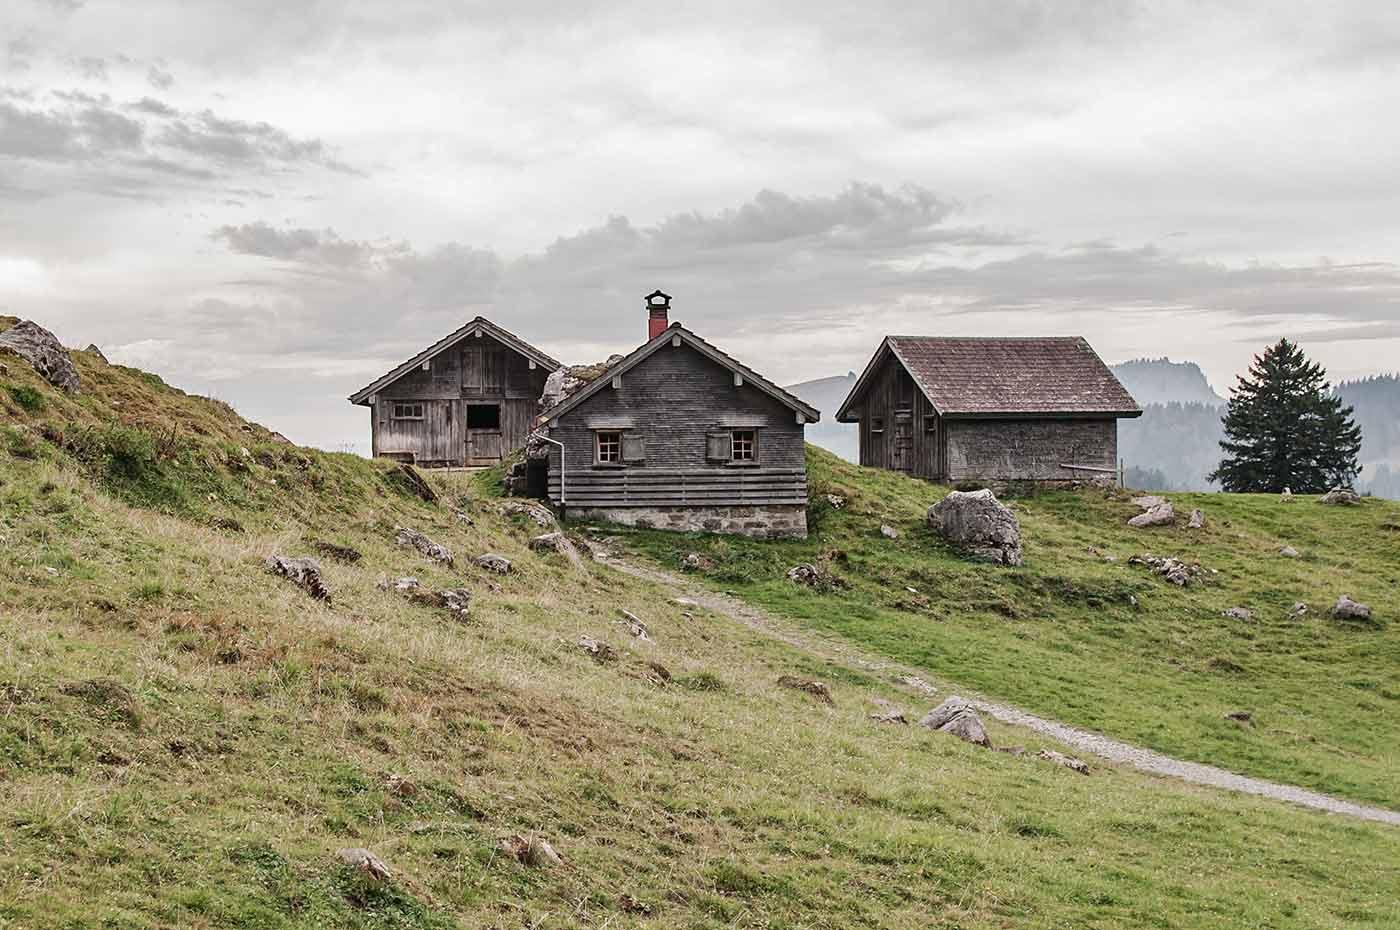 Die Schwägalp im Kanton Appenzell Ausserrhoden im Osten der Schweiz